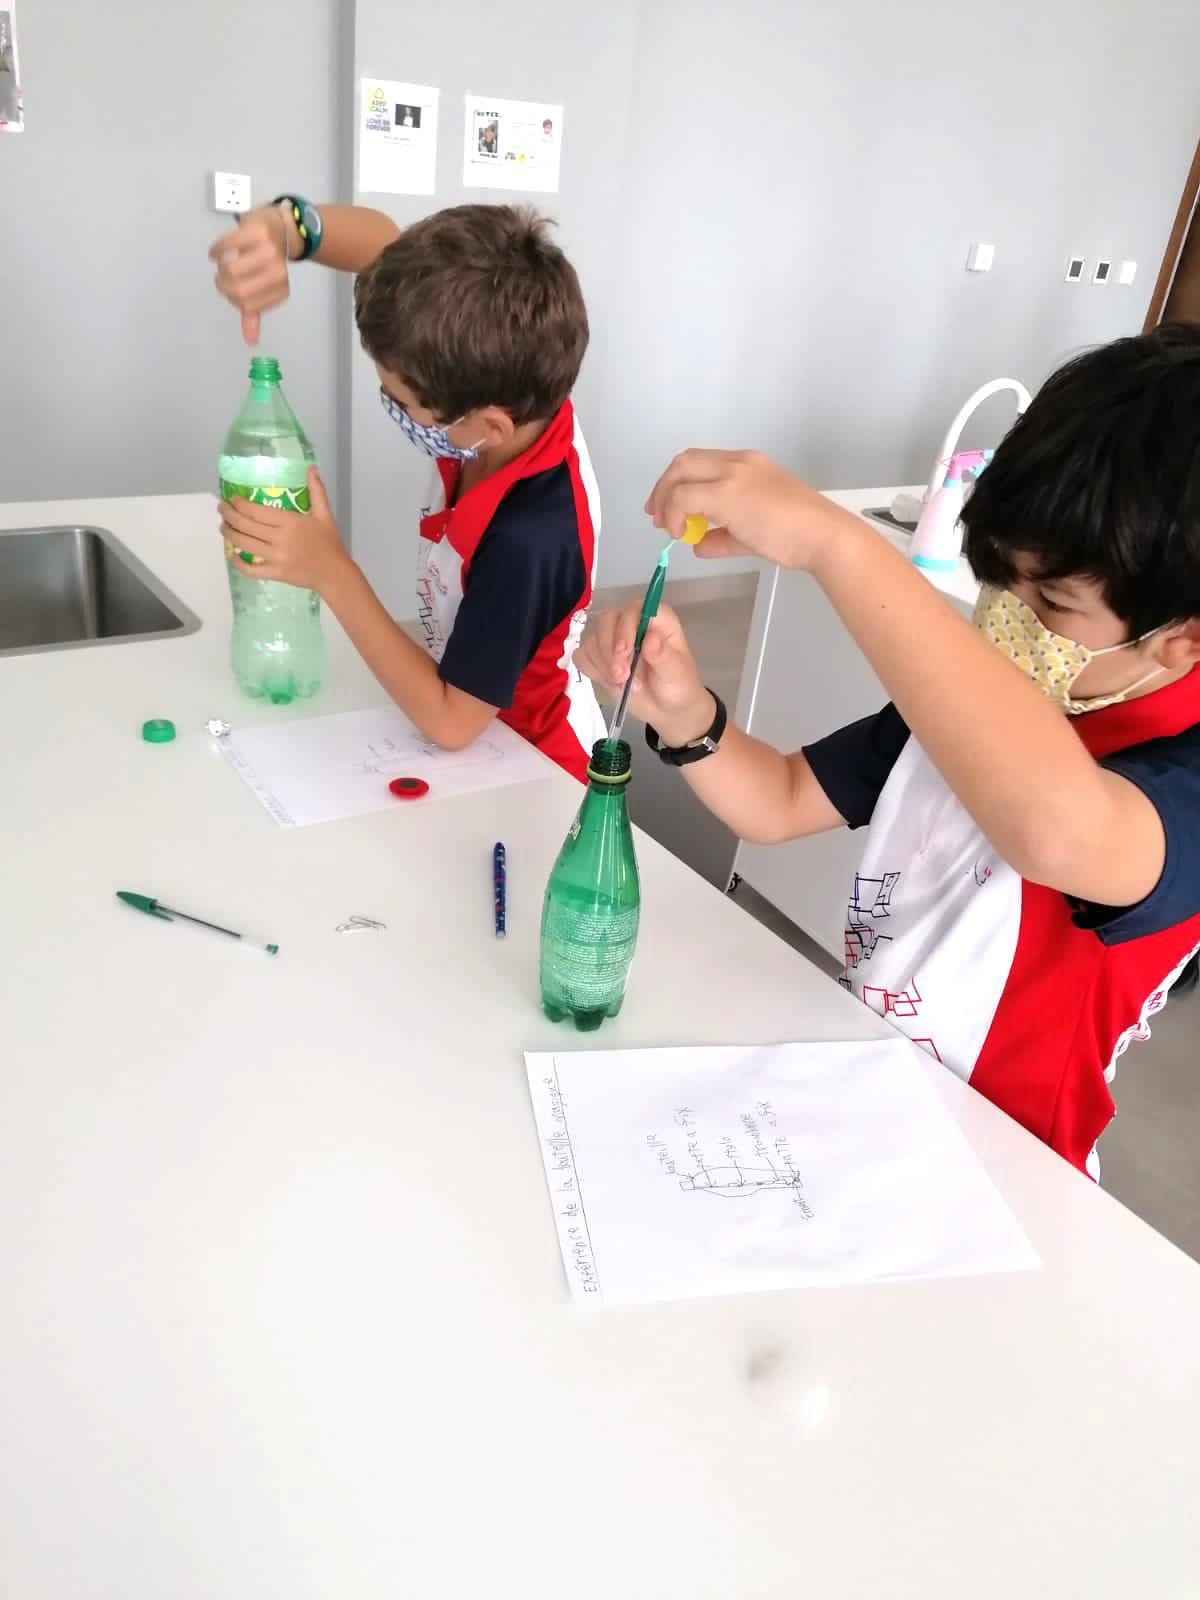 Vive les sciences à l'école élémentaire !